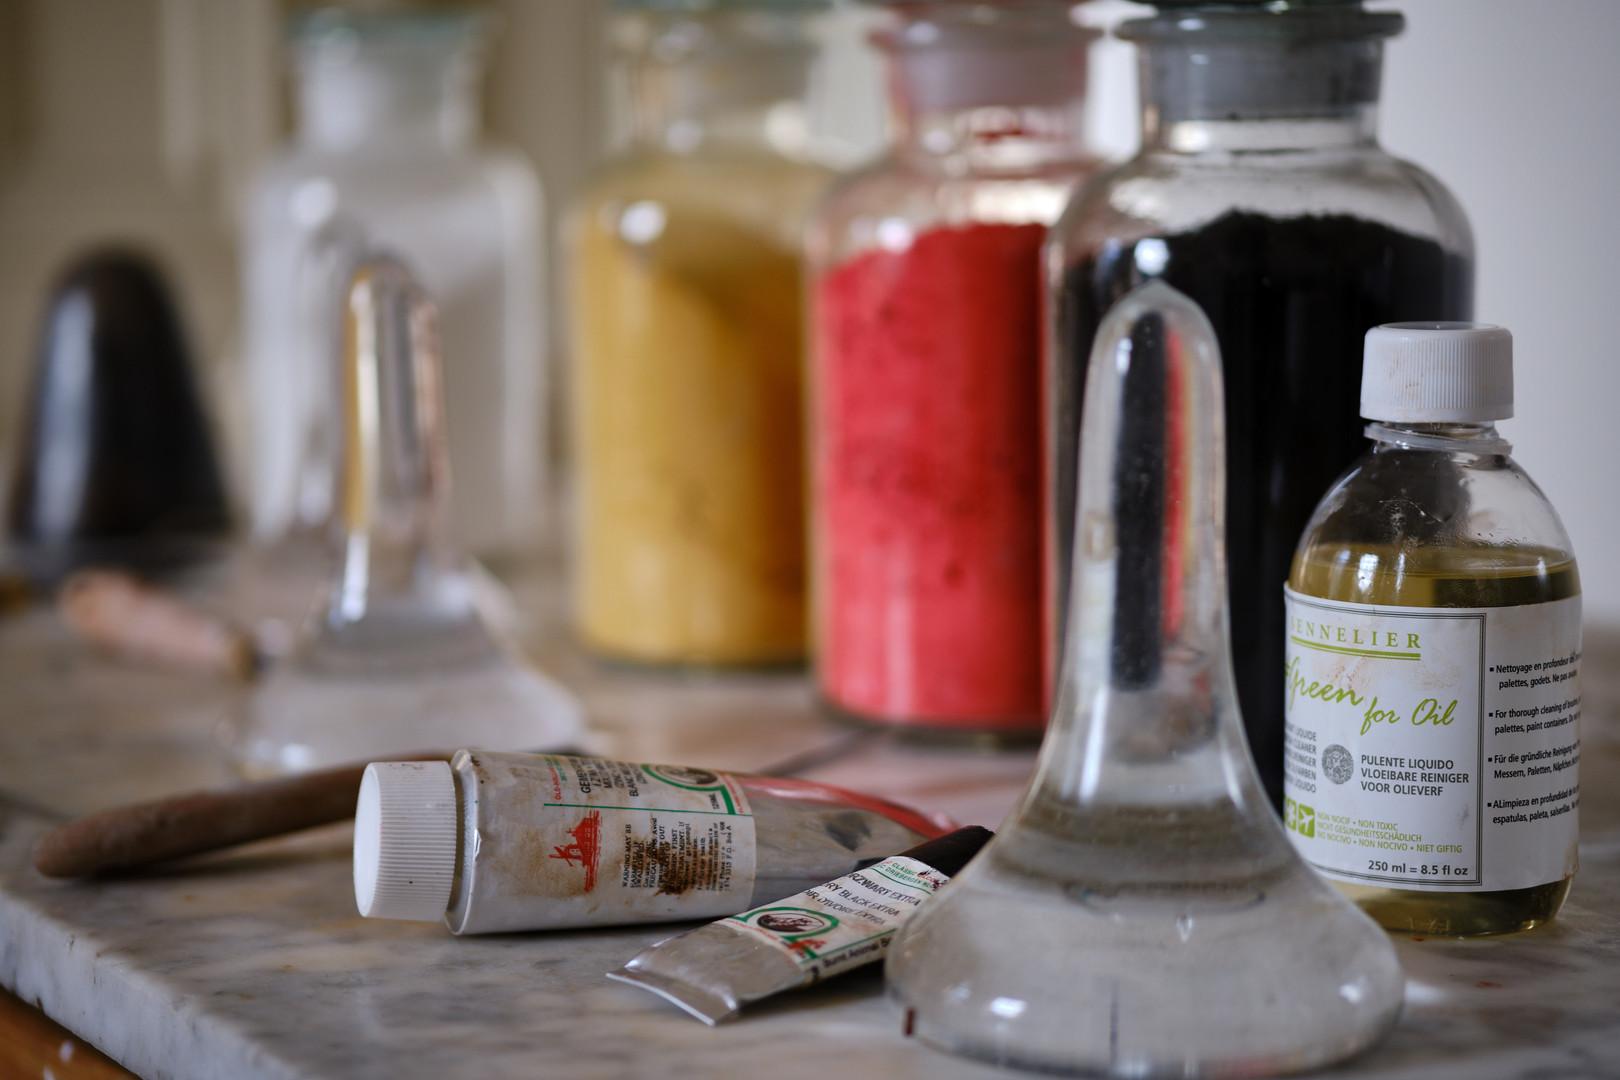 Verf maken van droge pigmenten en lijnzaad is een van de oudste ambachten